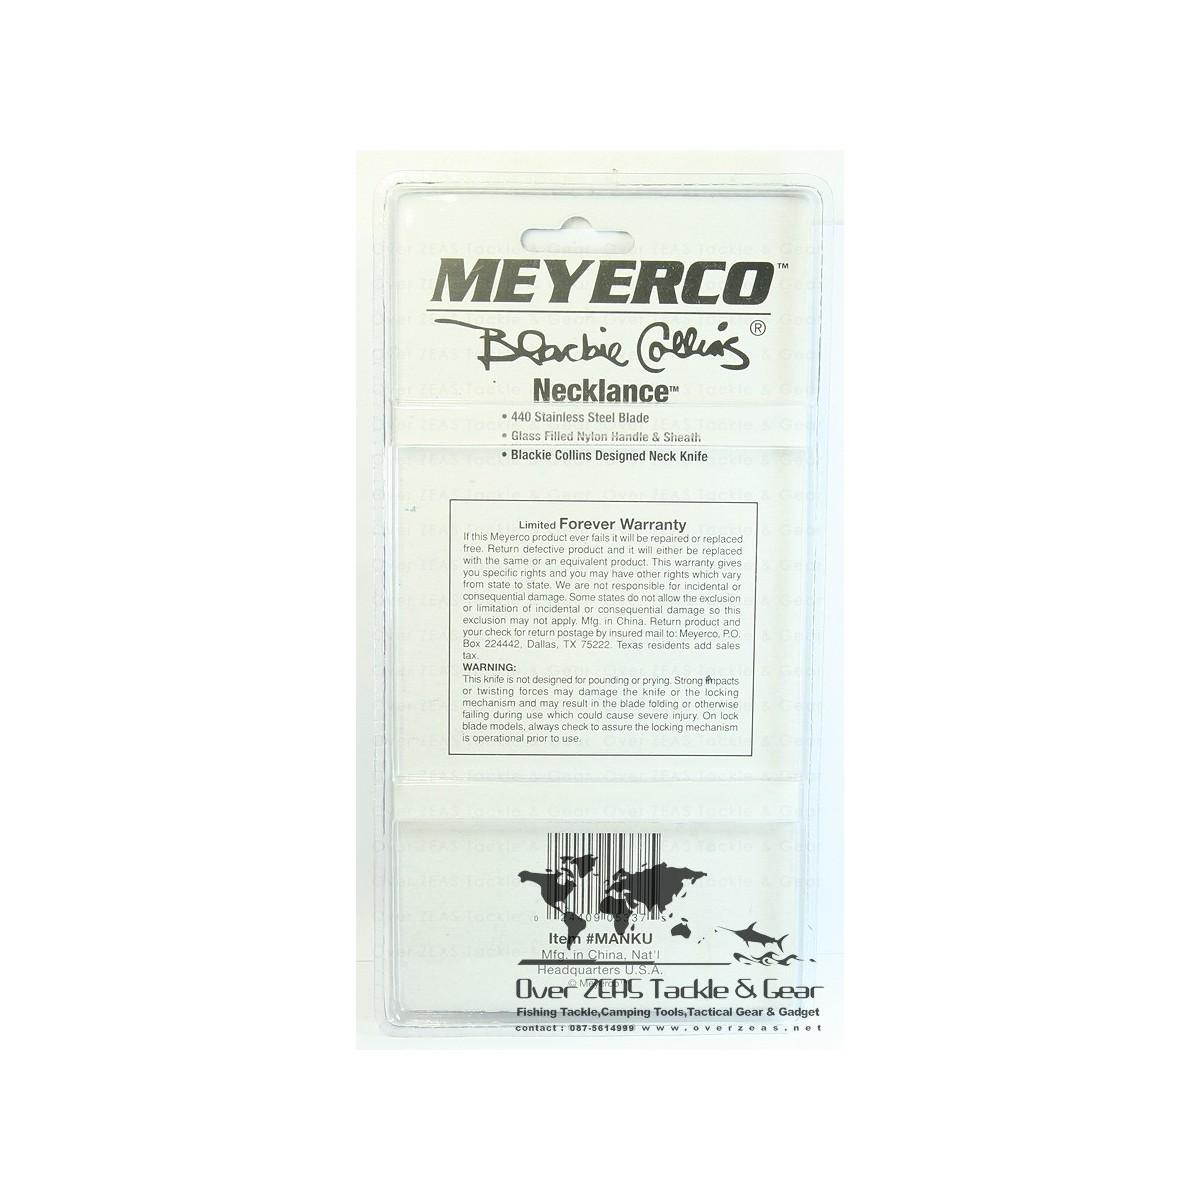 Meyerco Necklance